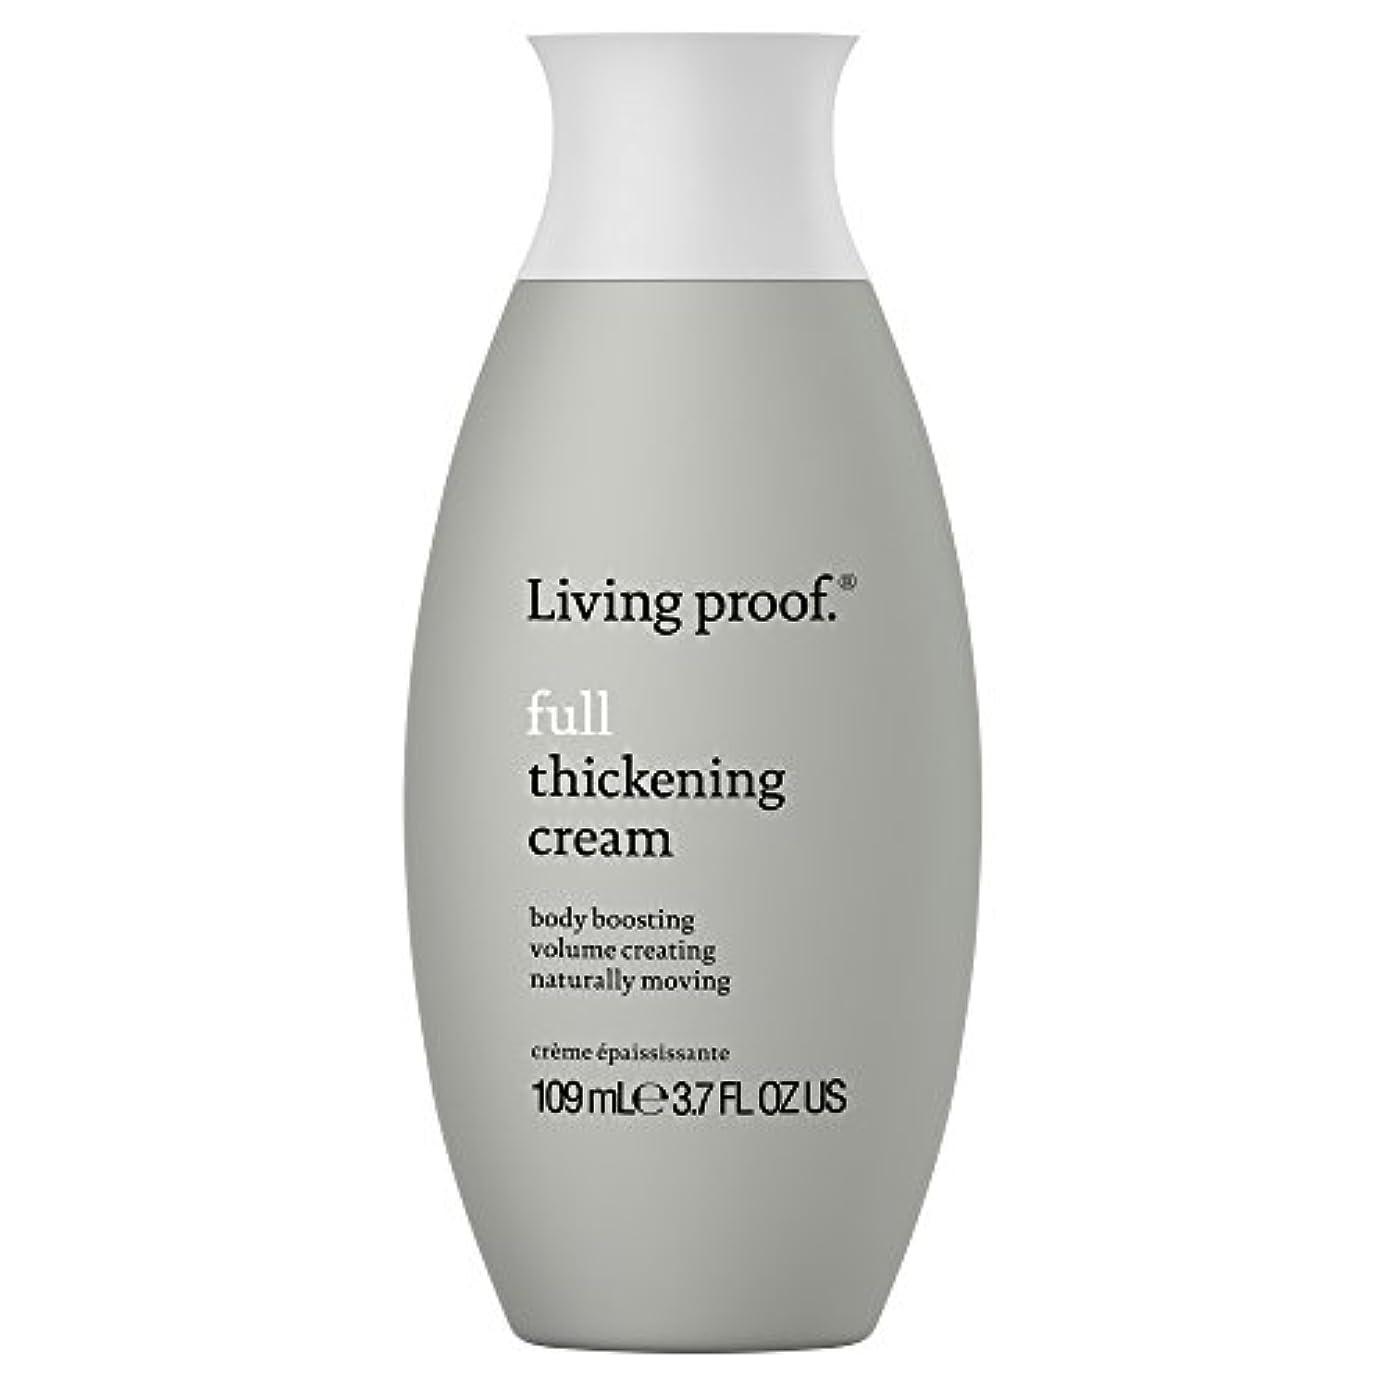 踊り子不変バンジージャンプ生きている証拠フル肥厚クリーム109ミリリットル (Living Proof) (x2) - Living Proof Full Thickening Cream 109ml (Pack of 2) [並行輸入品]